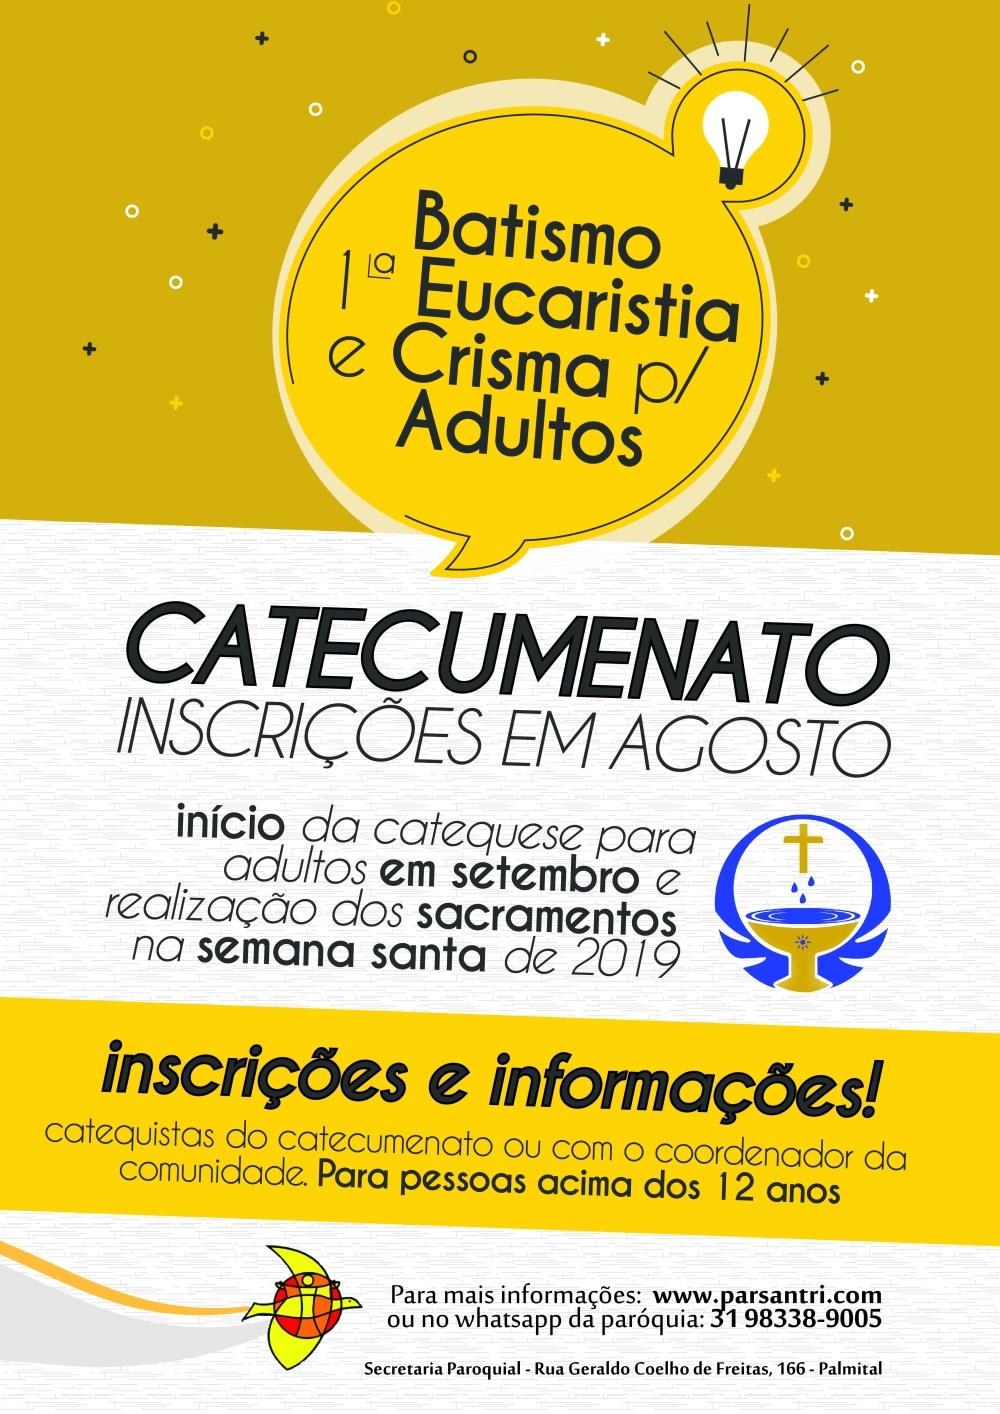 Catecumenato-01